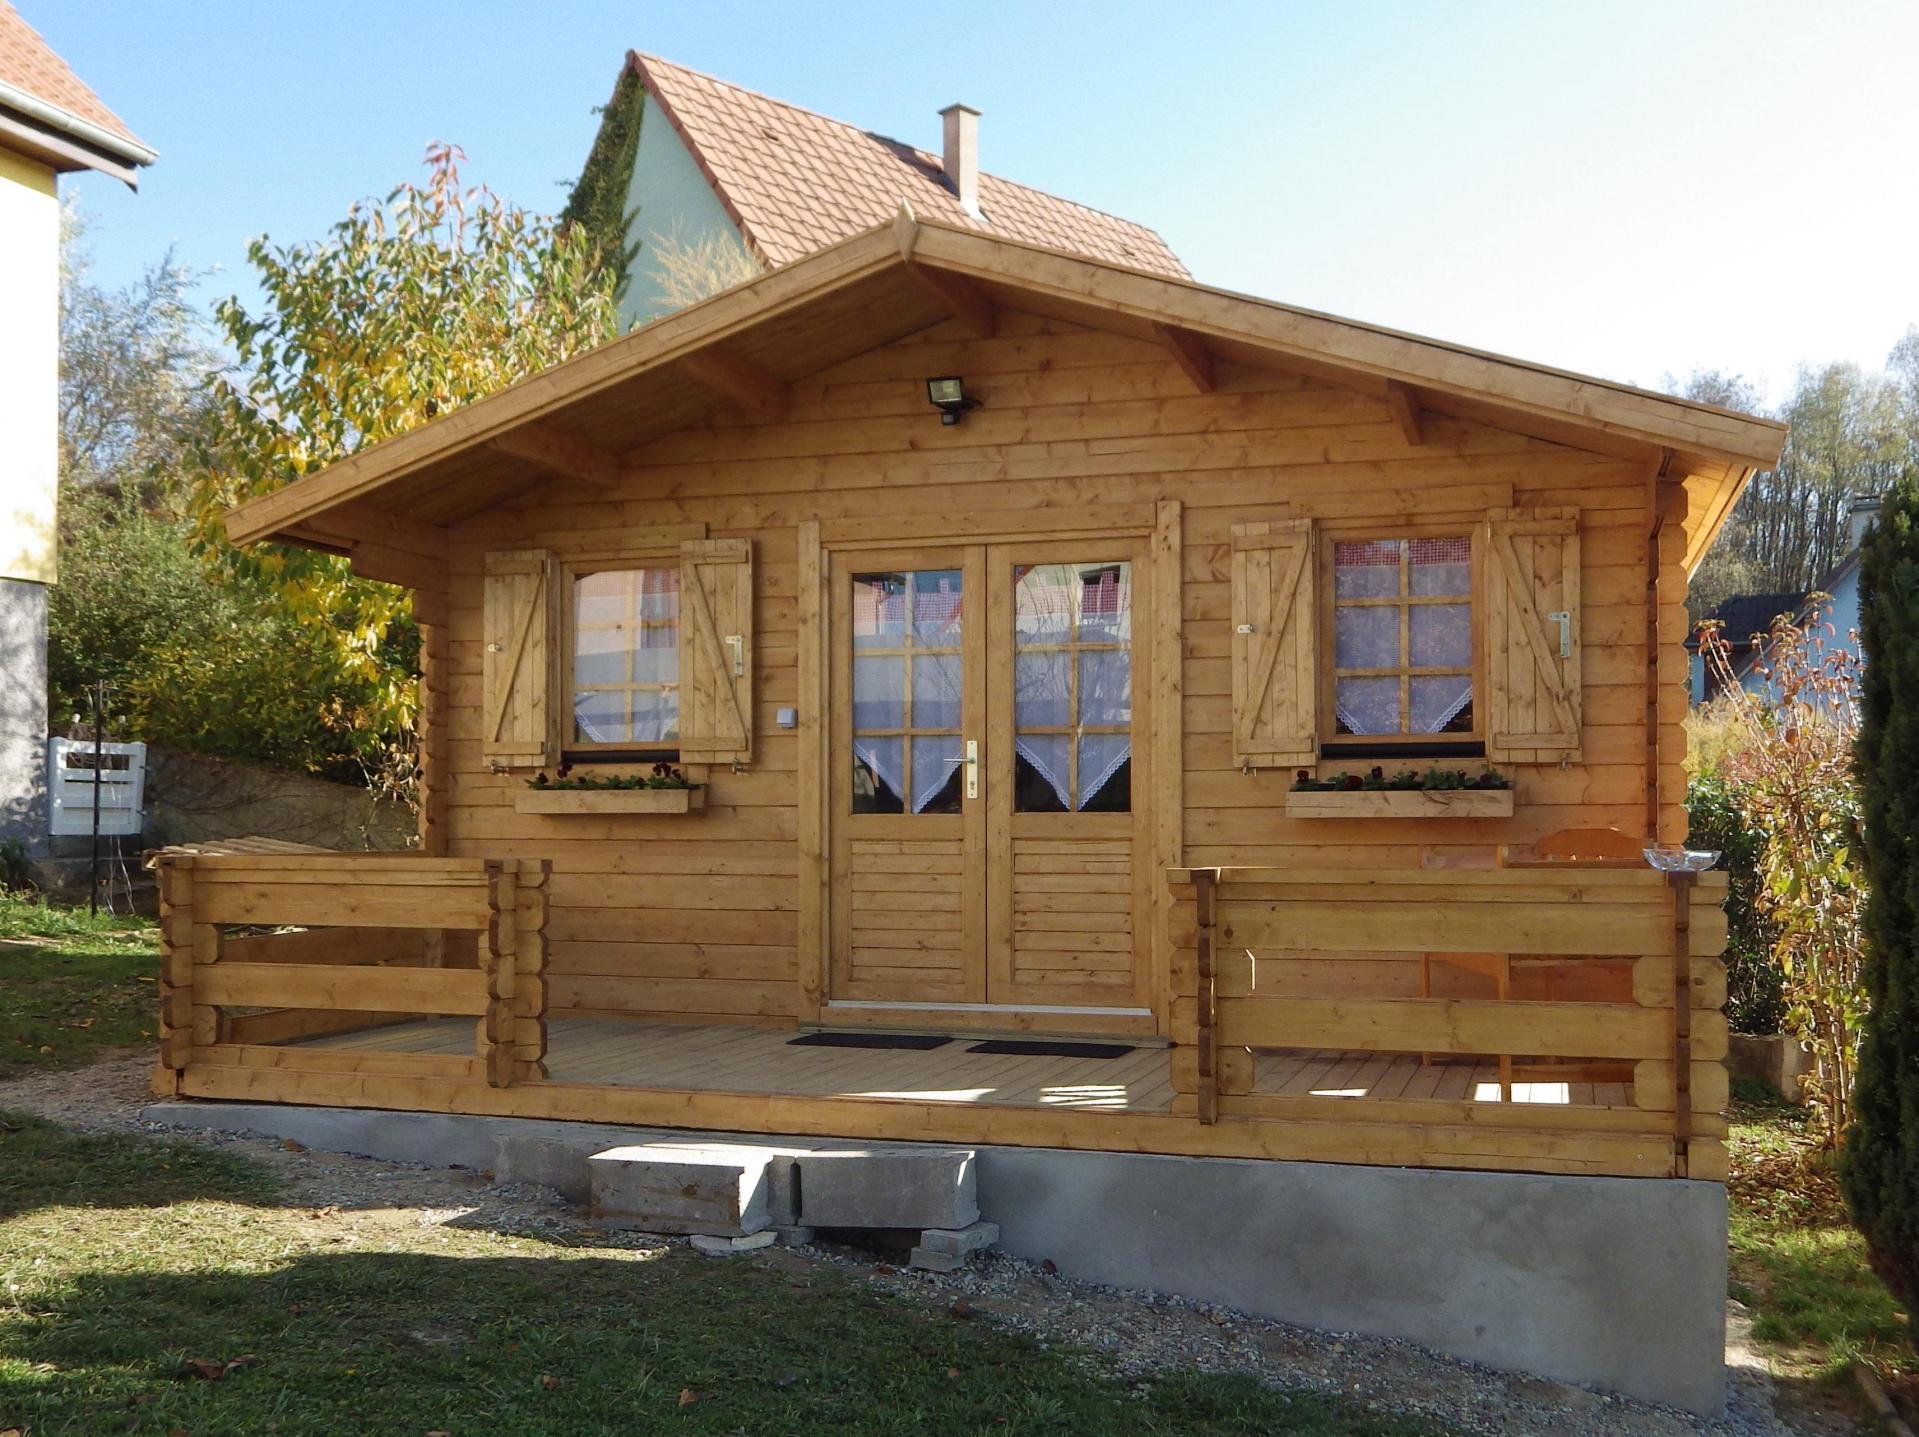 Stmb Construction, Maison De Jardin Et Chalet Habitable En Bois avec Maisonnette En Bois Pas Cher Occasion